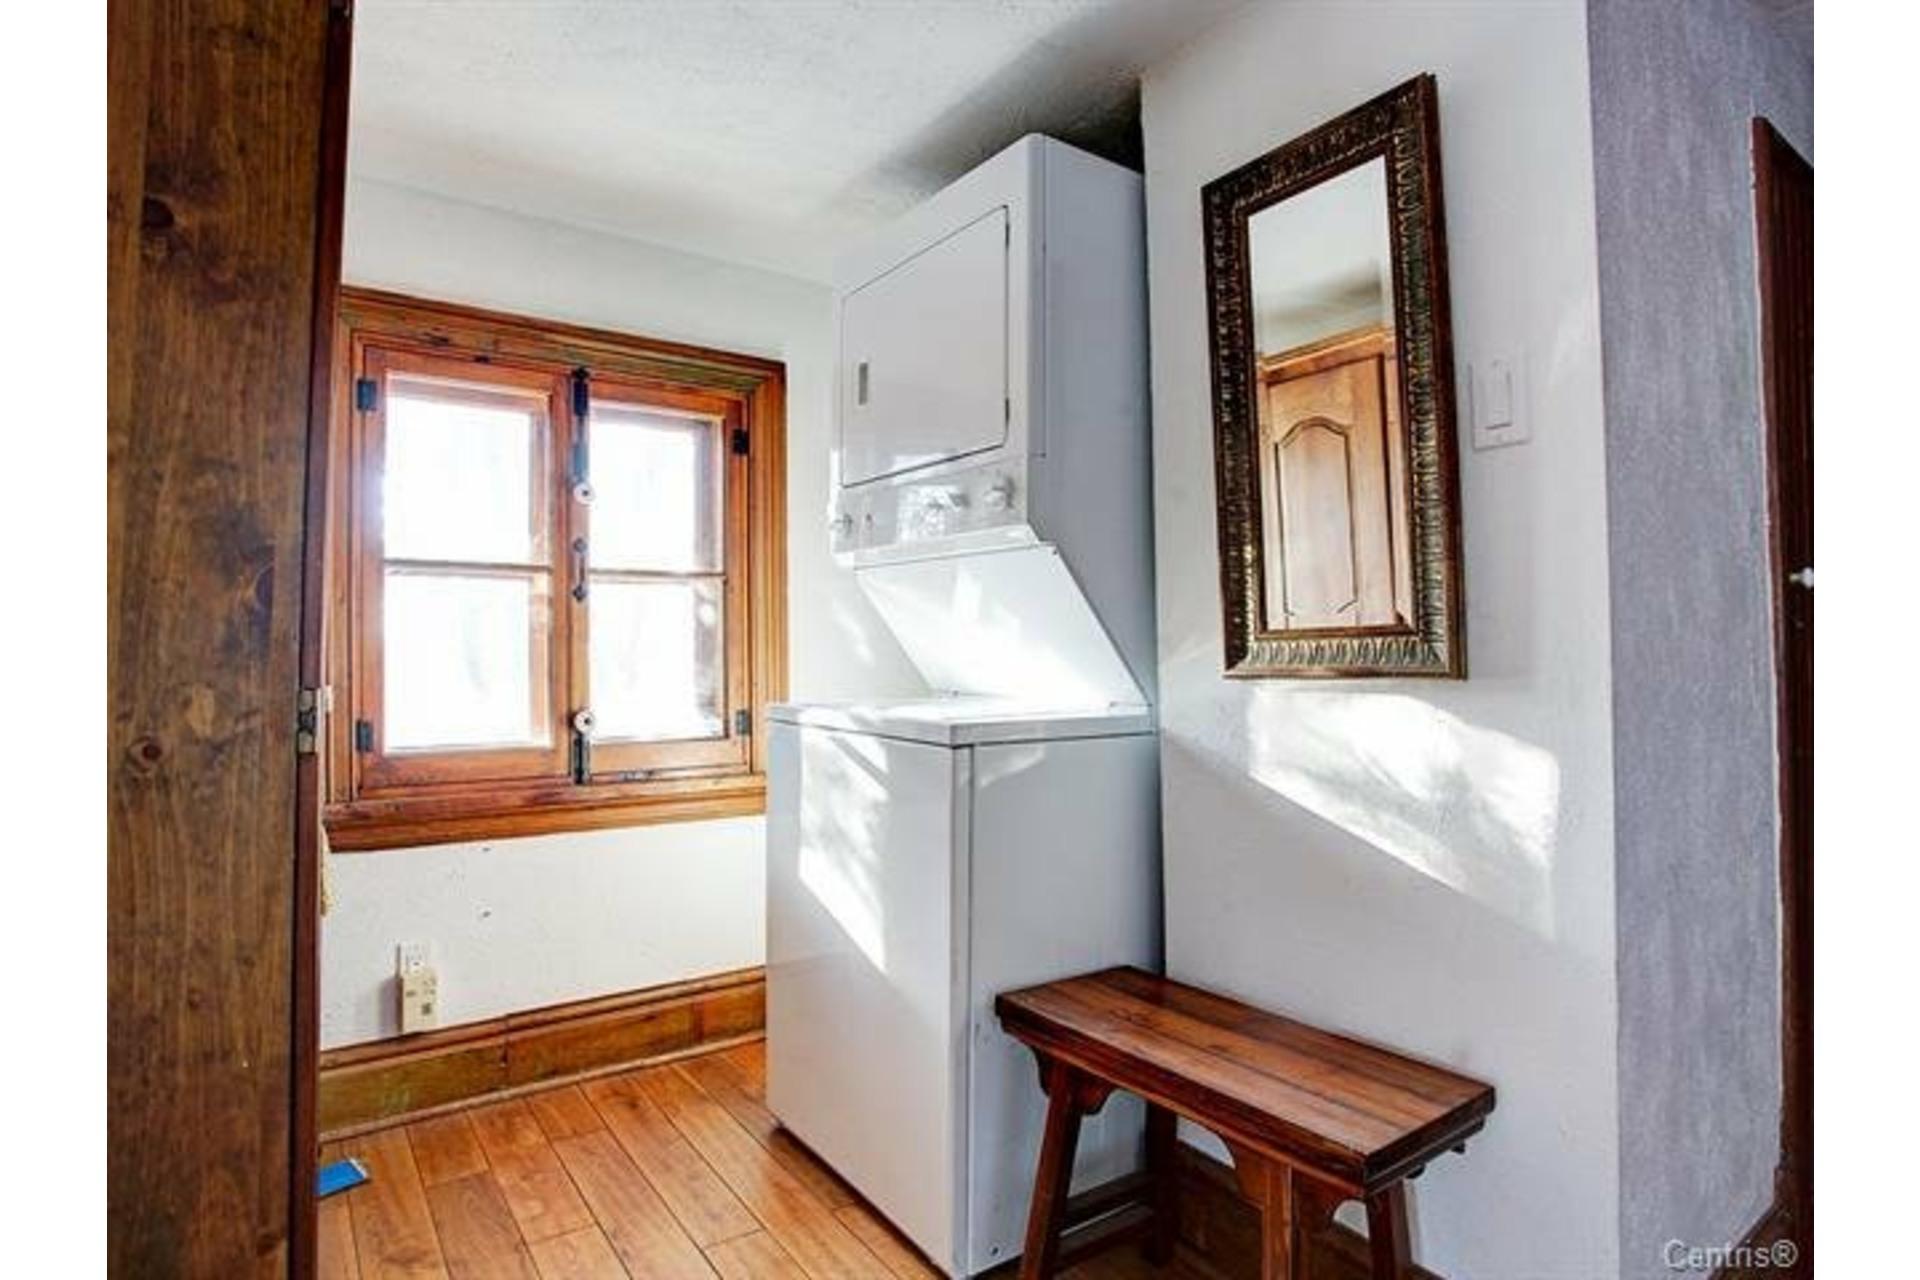 image 18 - Maison À louer Vaudreuil-Dorion - 12 pièces